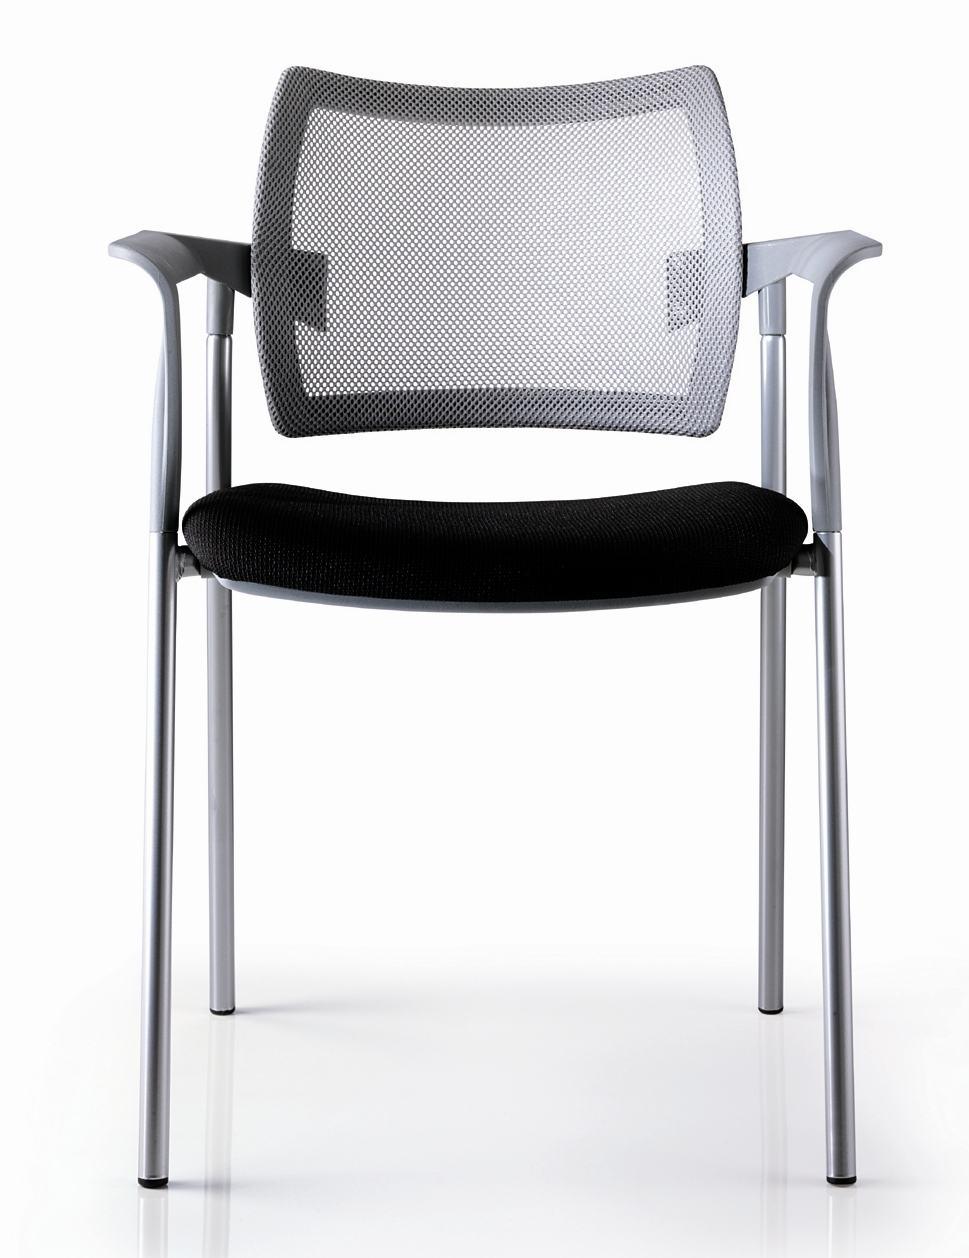 Konferenzstuhl stapelbar  sehr hochwertiger und preiswerter Besucherstuhl(stapelbar) mit ...